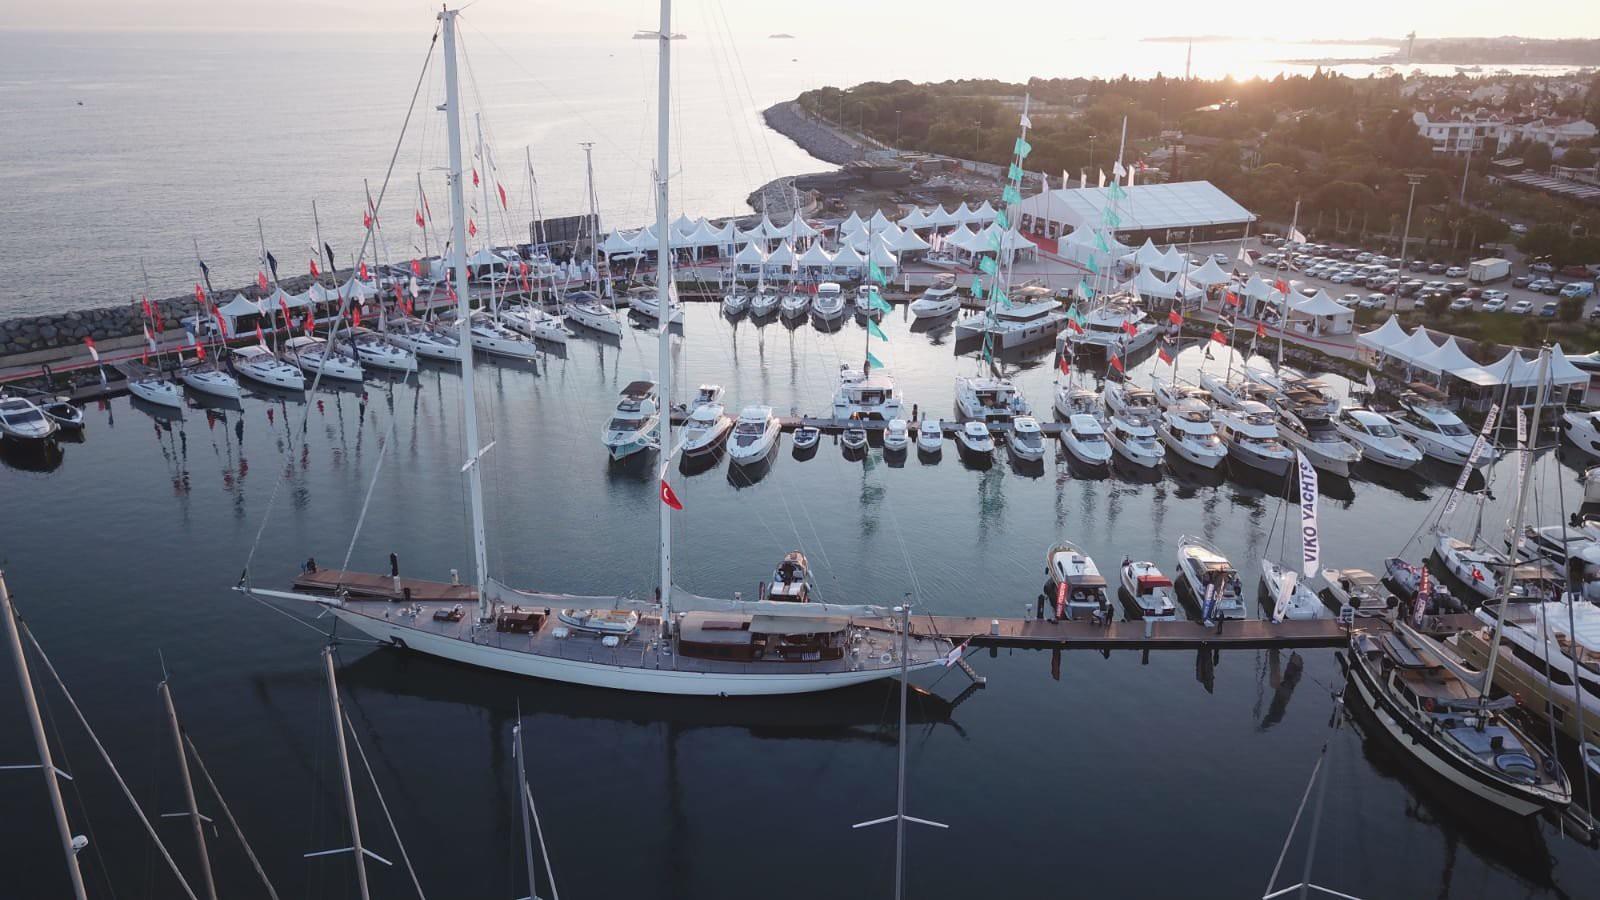 MARİNALAR TURİZM GELİRİNİN KREM KRAMA TABAKASI / Ultra lüks mega yatlar, motor yatlar, katamaranlar, yelkenliler, motoryat, sürat teknesi, hybrid tekneler, deniz motosikletleri, motorlar, bot ve guletlerin yani denizde konfordan vazgeçemeyenlerin buluşma noktası marinalar da bir turist geldiğinde yeteri kadar harcama yapacağı için bu amaca hizmet edecek destinasyonlardan. (Fotoğraf: İstanbul Tuzla Viaport)